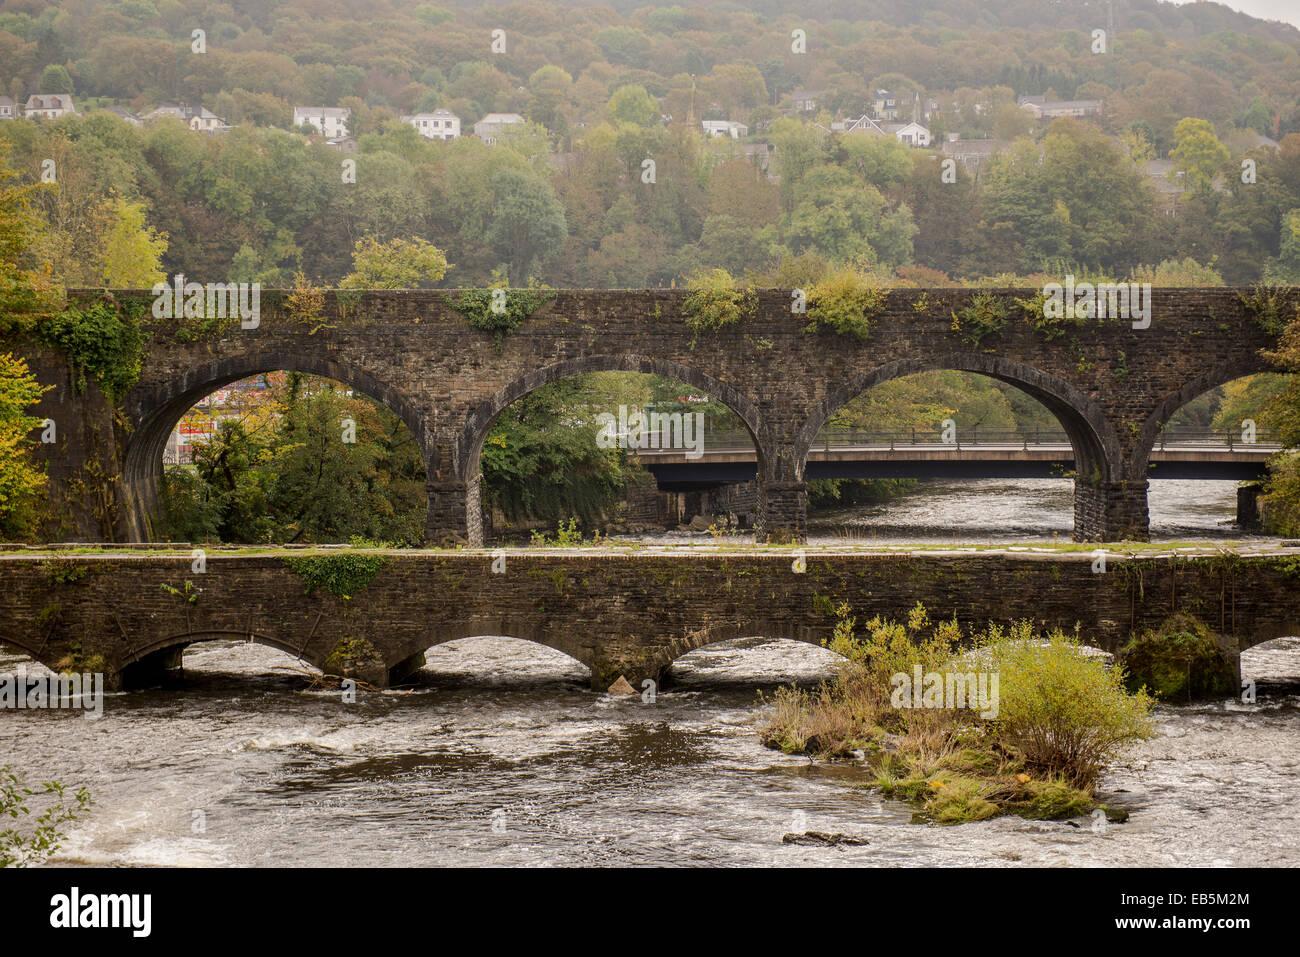 Le pont de chemin de fer et le canal de Llangollen dans Aberdulais Tennant, Neath, Wales, Royaume-Uni Photo Stock